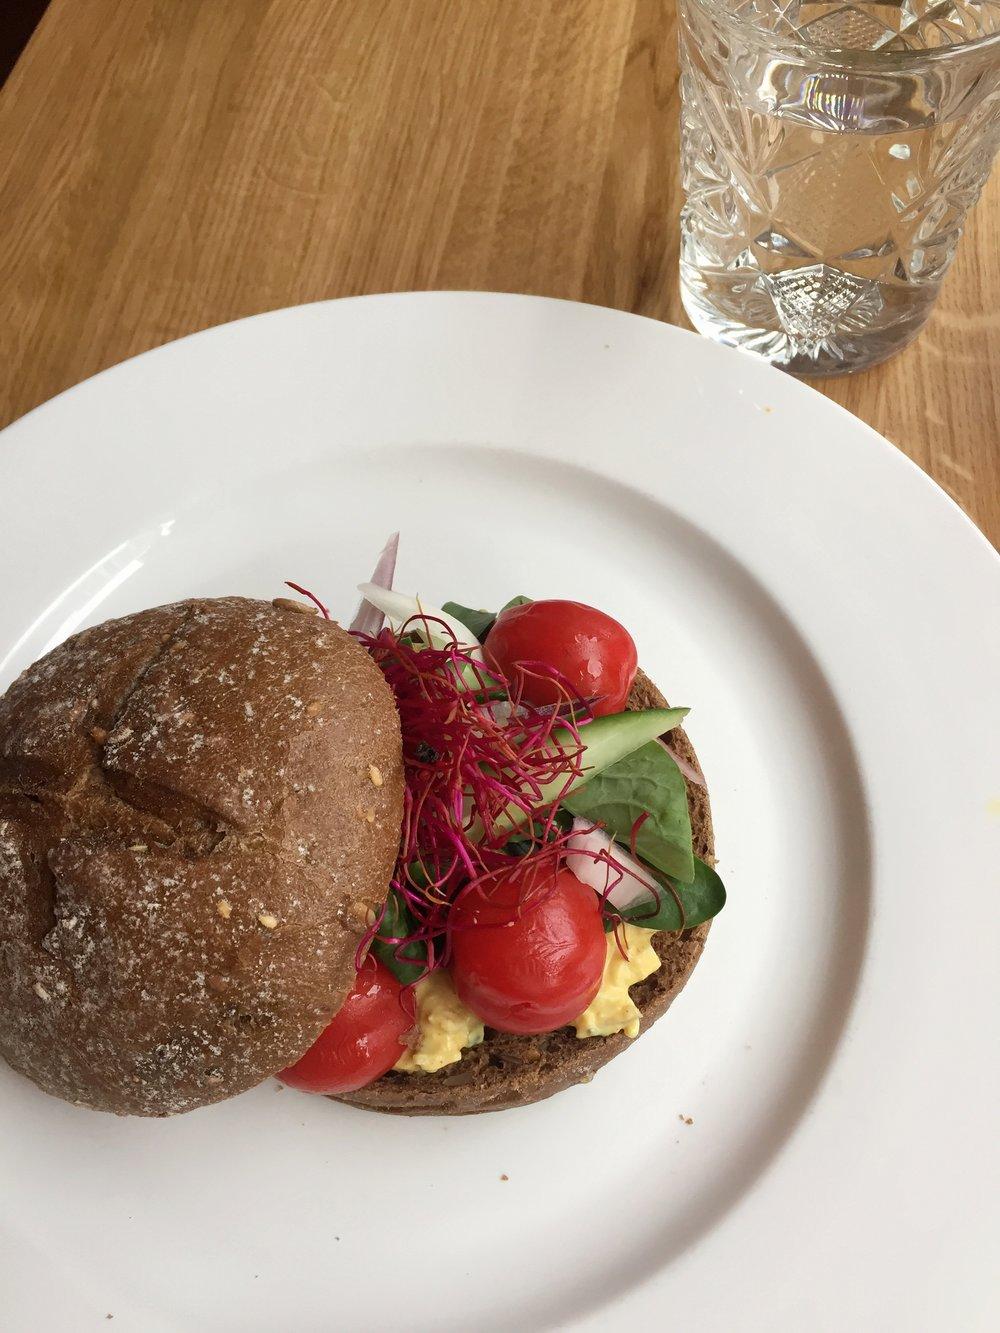 quick egg salad sandwich at Lunchroom De Salon (The Hague)